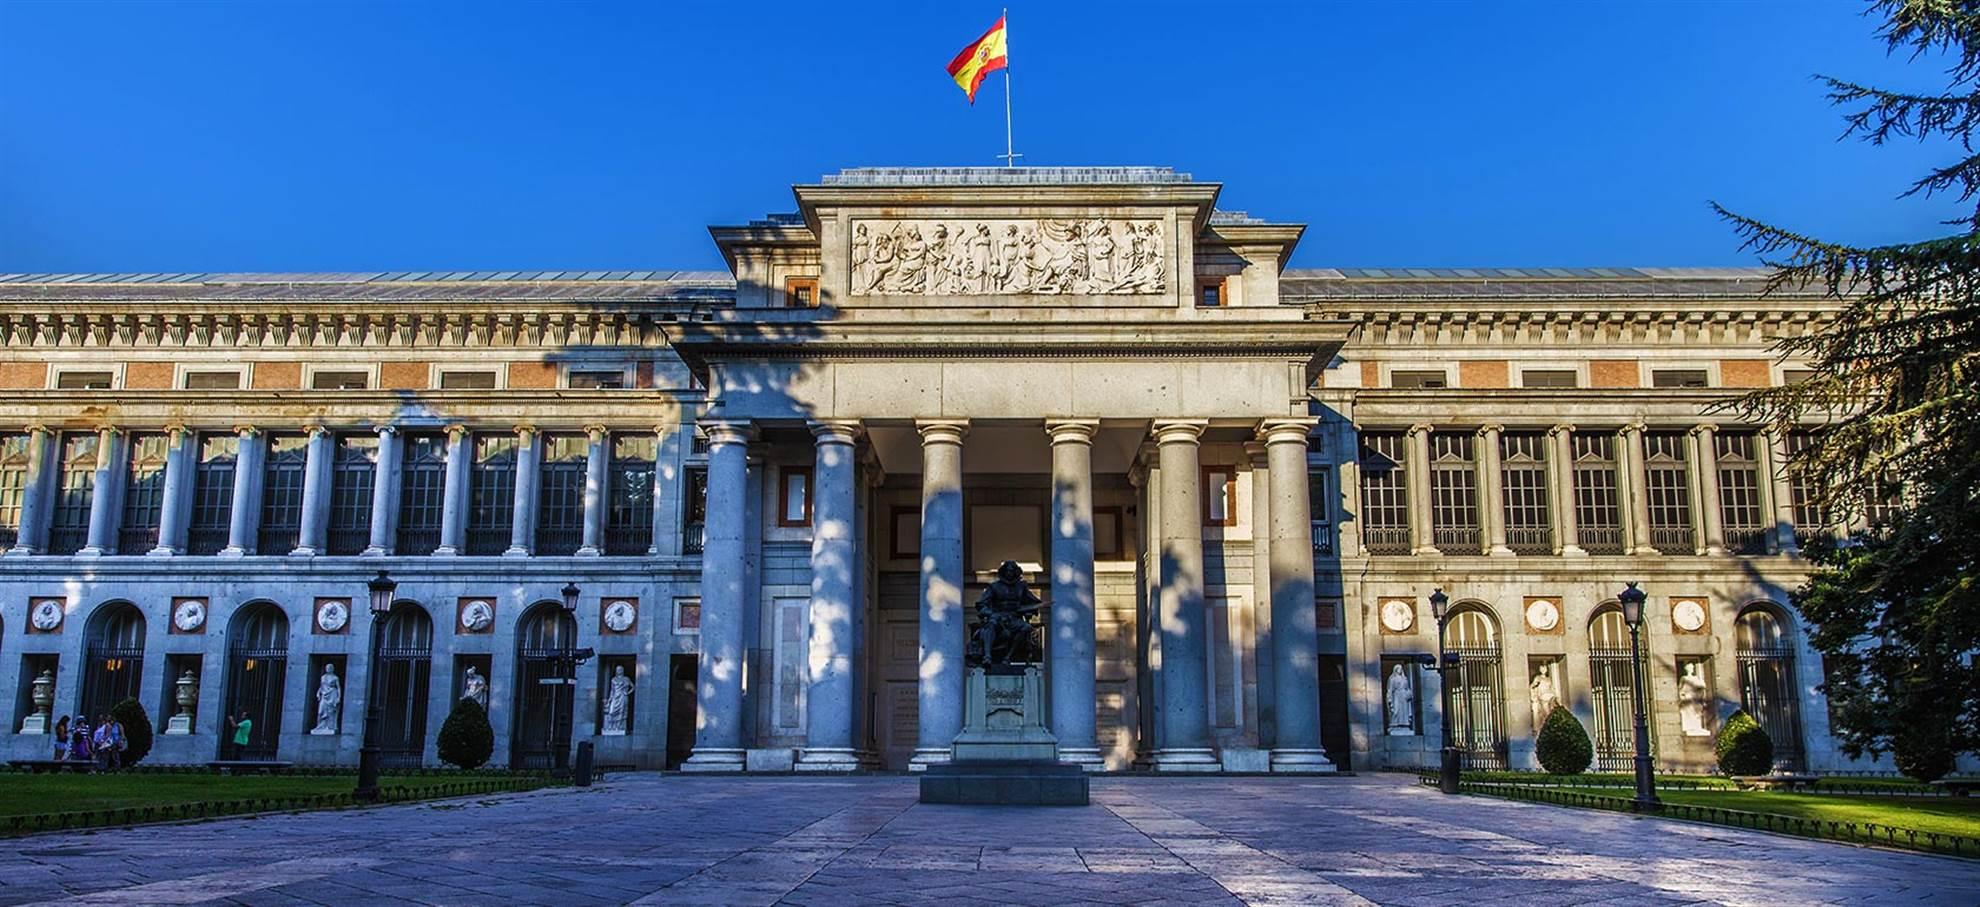 Museo del Prado ´Evite las colas´ + guía (MADPRADO)